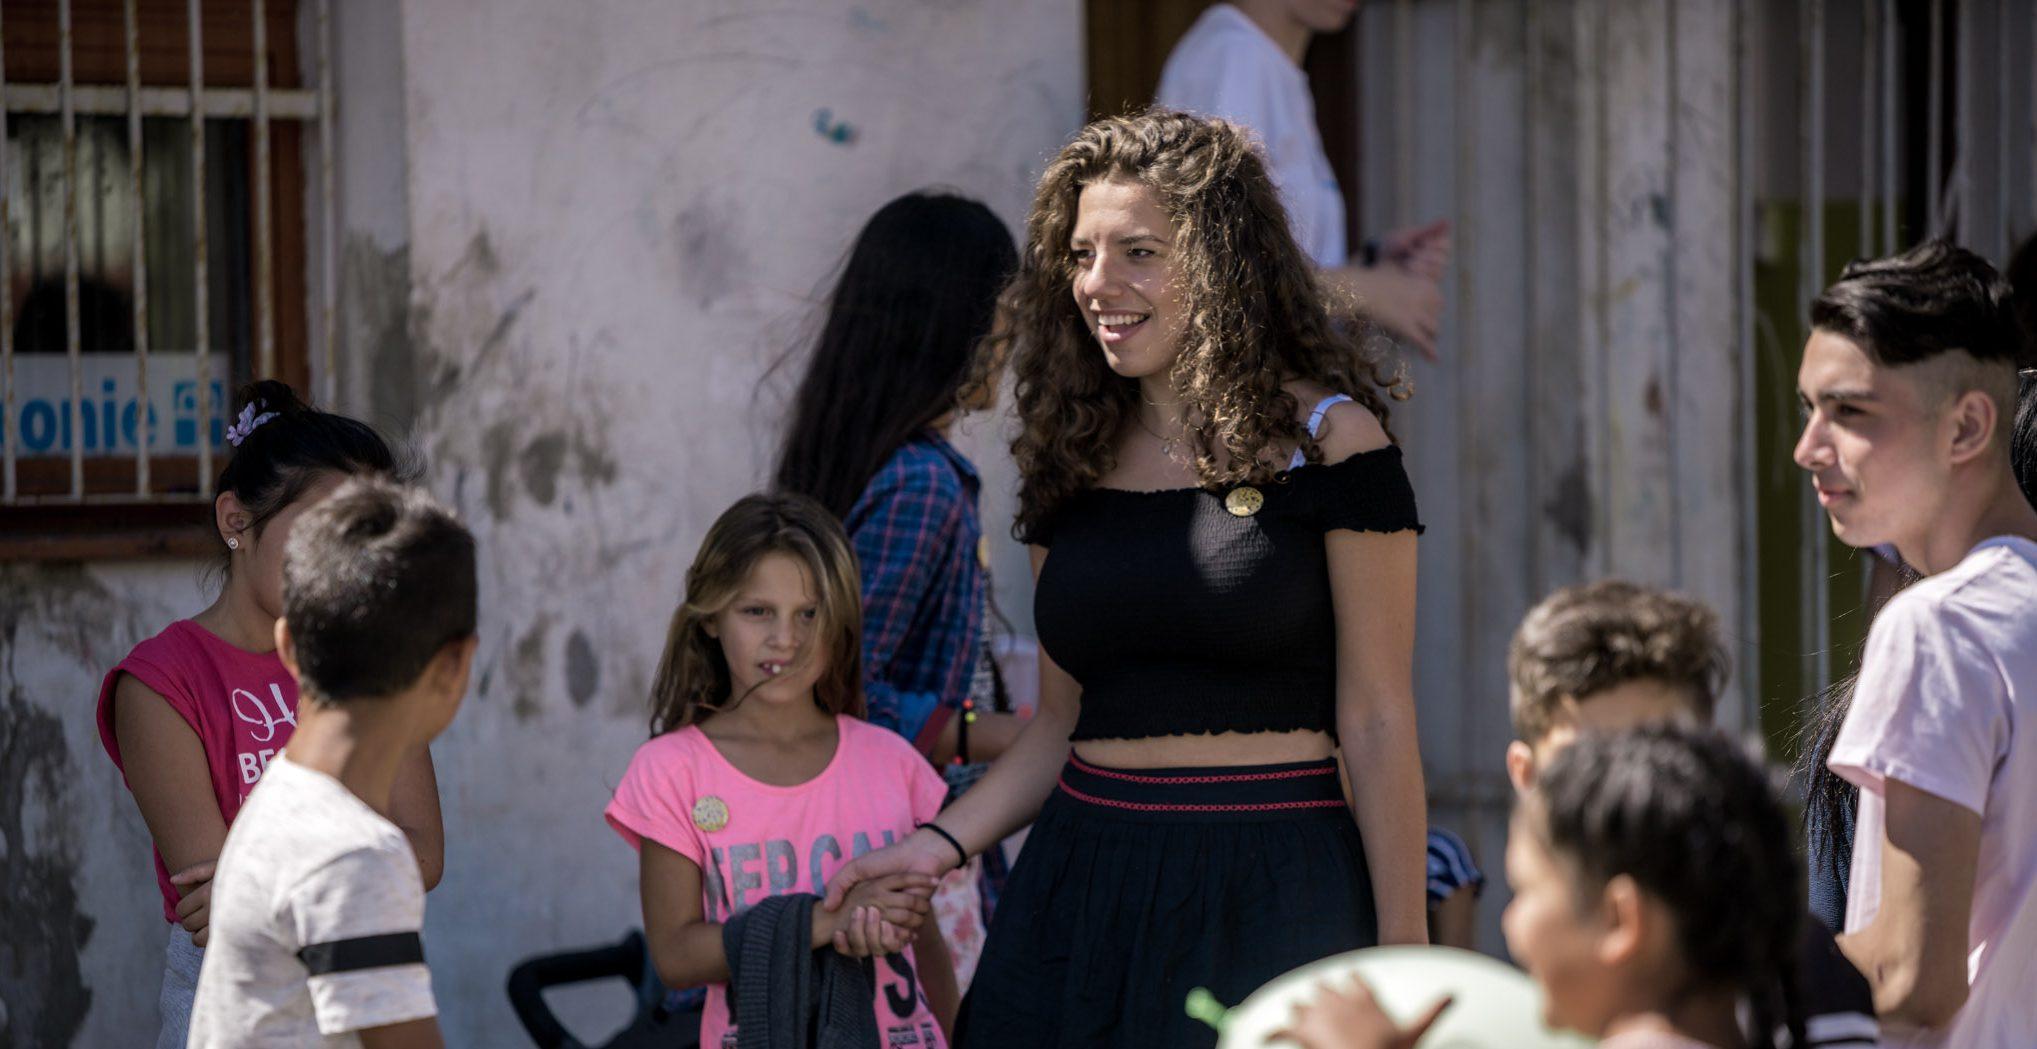 19-ročná študentka Sokratovho inštitútu si zamilovala rómsku kultúru. V divadelnom predstavení chce ukázať, že spolu vieme vychádzať a máme sa od seba čo učiť